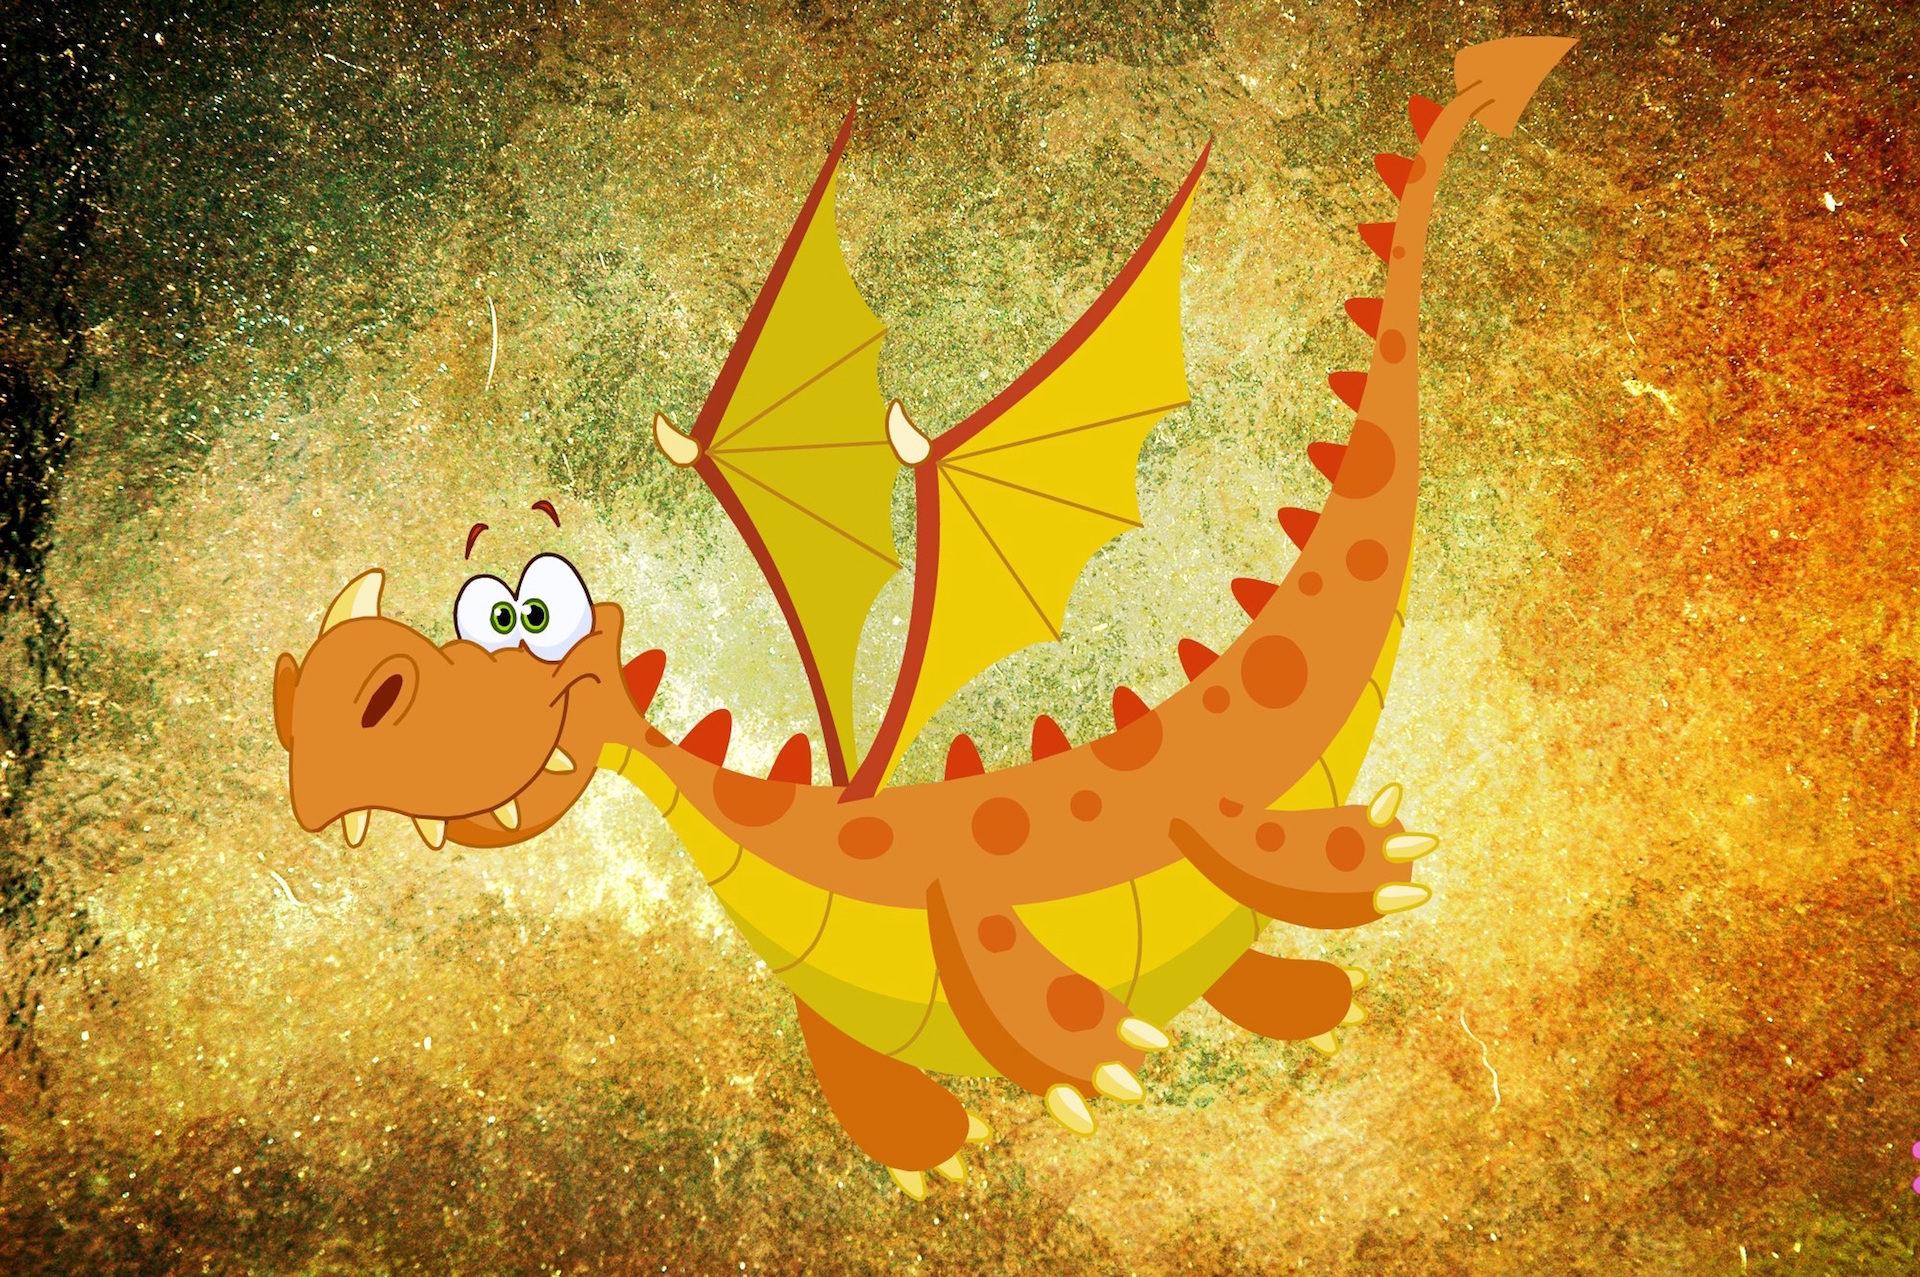 Dragon, comic, dessin, Monstre, ailes - Fonds d'écran HD - Professor-falken.com